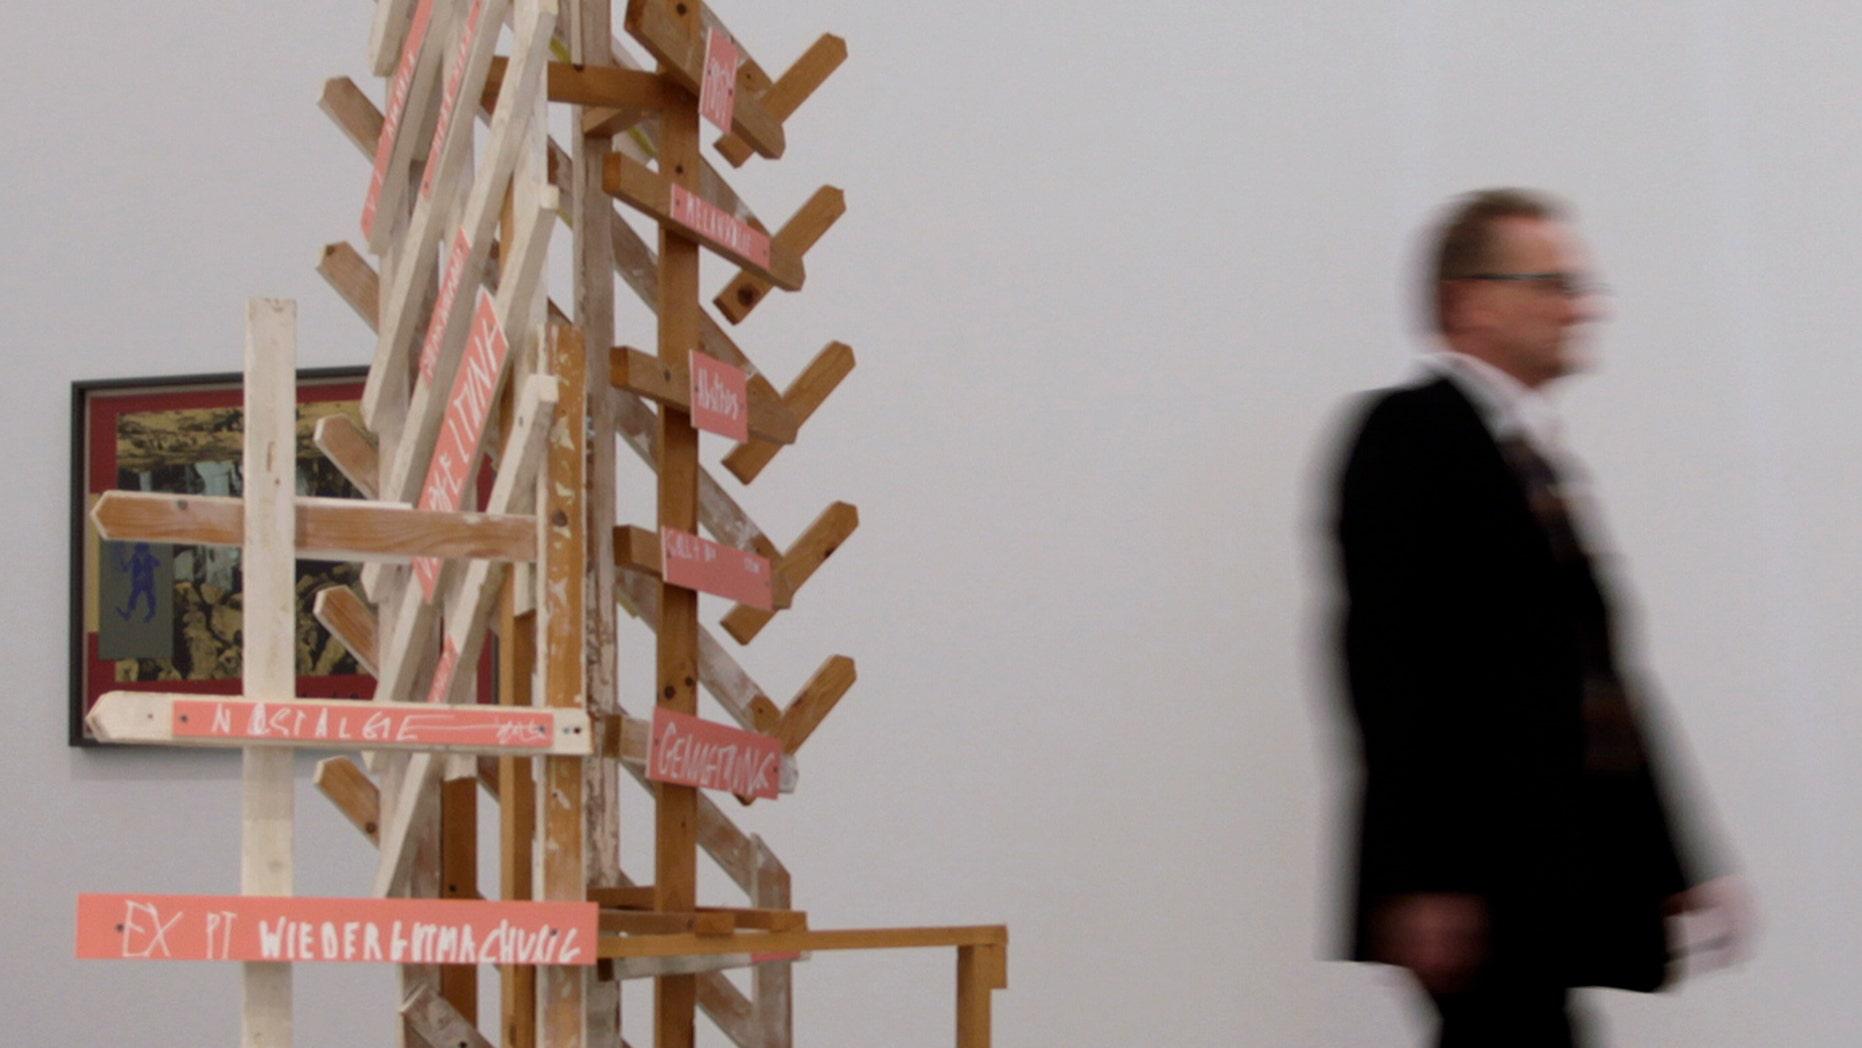 """Nov. 3, 2011: Wenn's anfaengt durch die Decke zu tropfen"""" ( """"When it Starts Dripping from the Ceiling"""" ) by German artist Martin Kippenberger in the Ostwall museum in Dortmund, western Germany."""